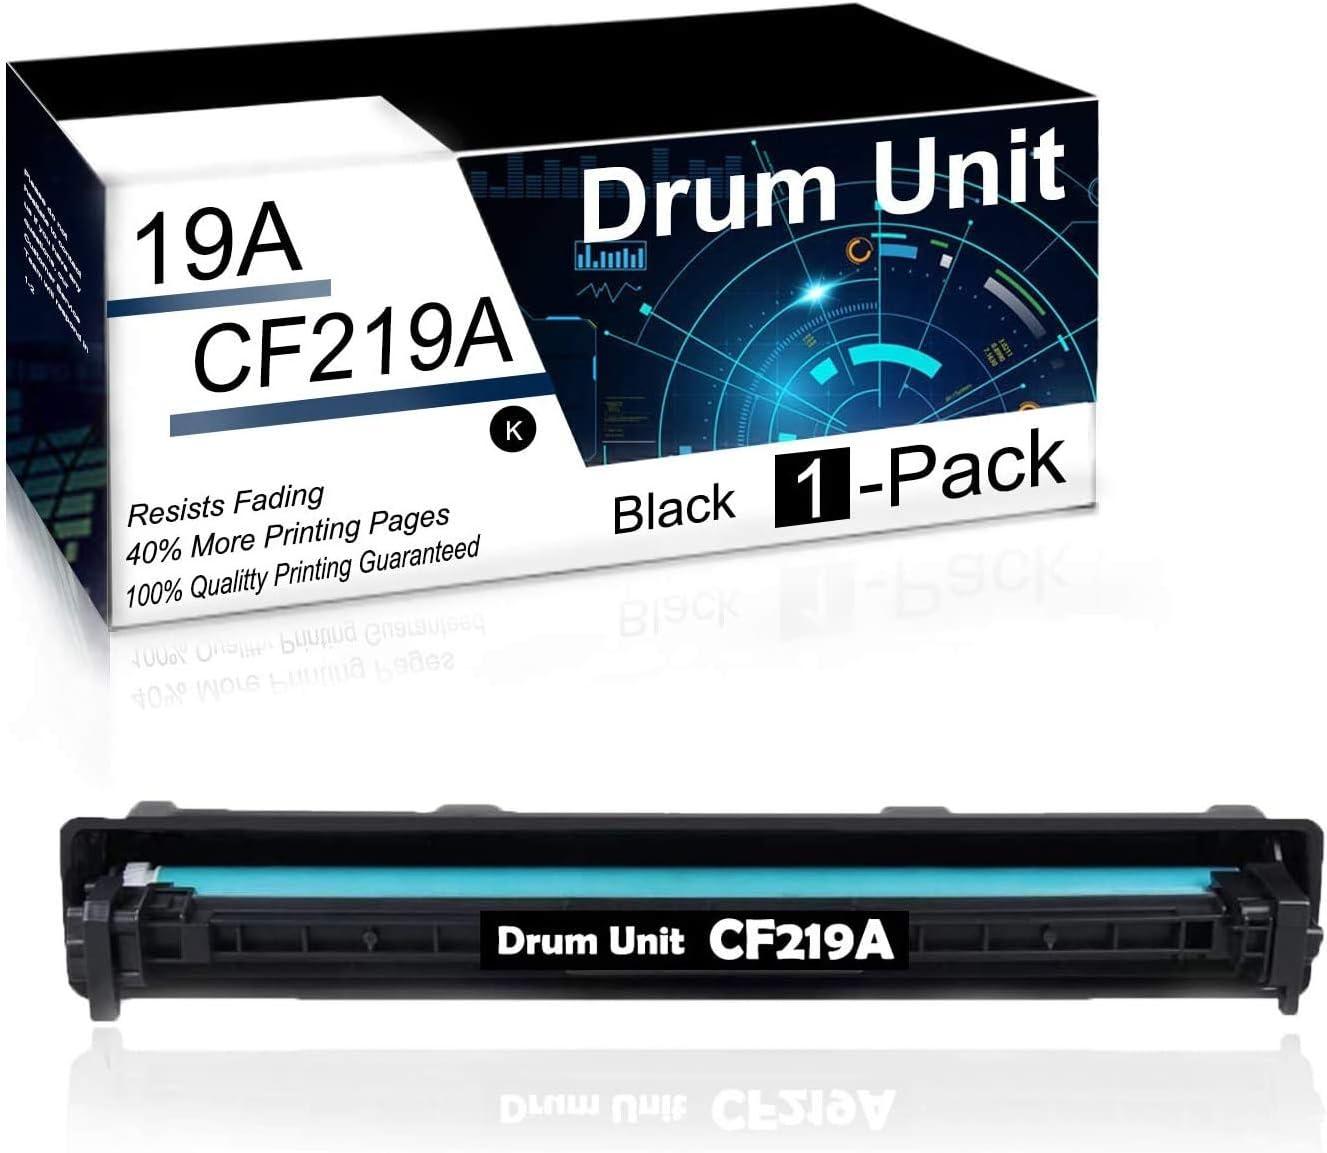 1 Pack Black 19A | CF219A Compatible Drum Unit for HP Laserjet Pro MFP M130a MFP M130nw MFP M130fn MFP M130fw M102a M102w Printer Drum Unit.